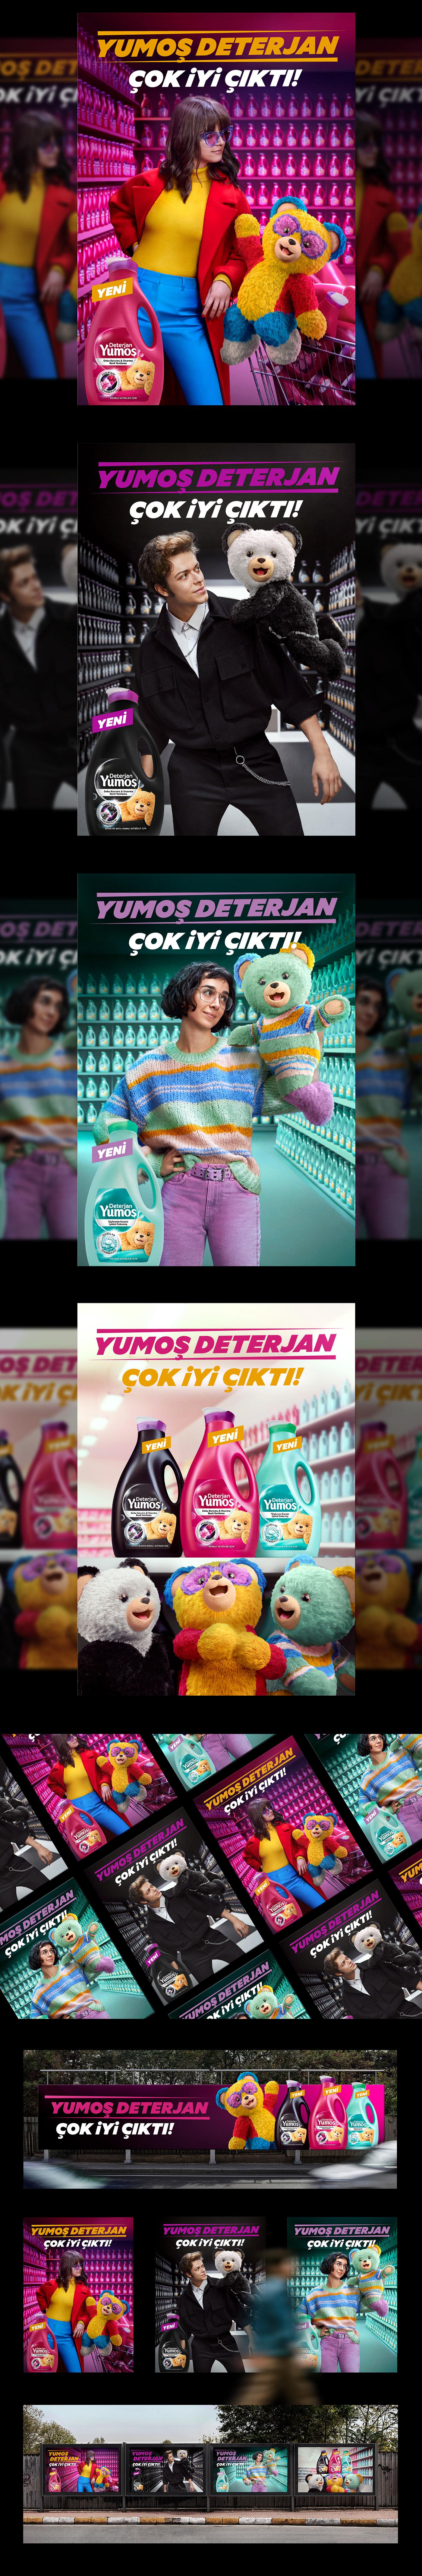 Buse Şay cok iyi cıktı detergent Deterjan Dur bir dakika Semih Türkmen Umit Tasli Unilever Yumoş